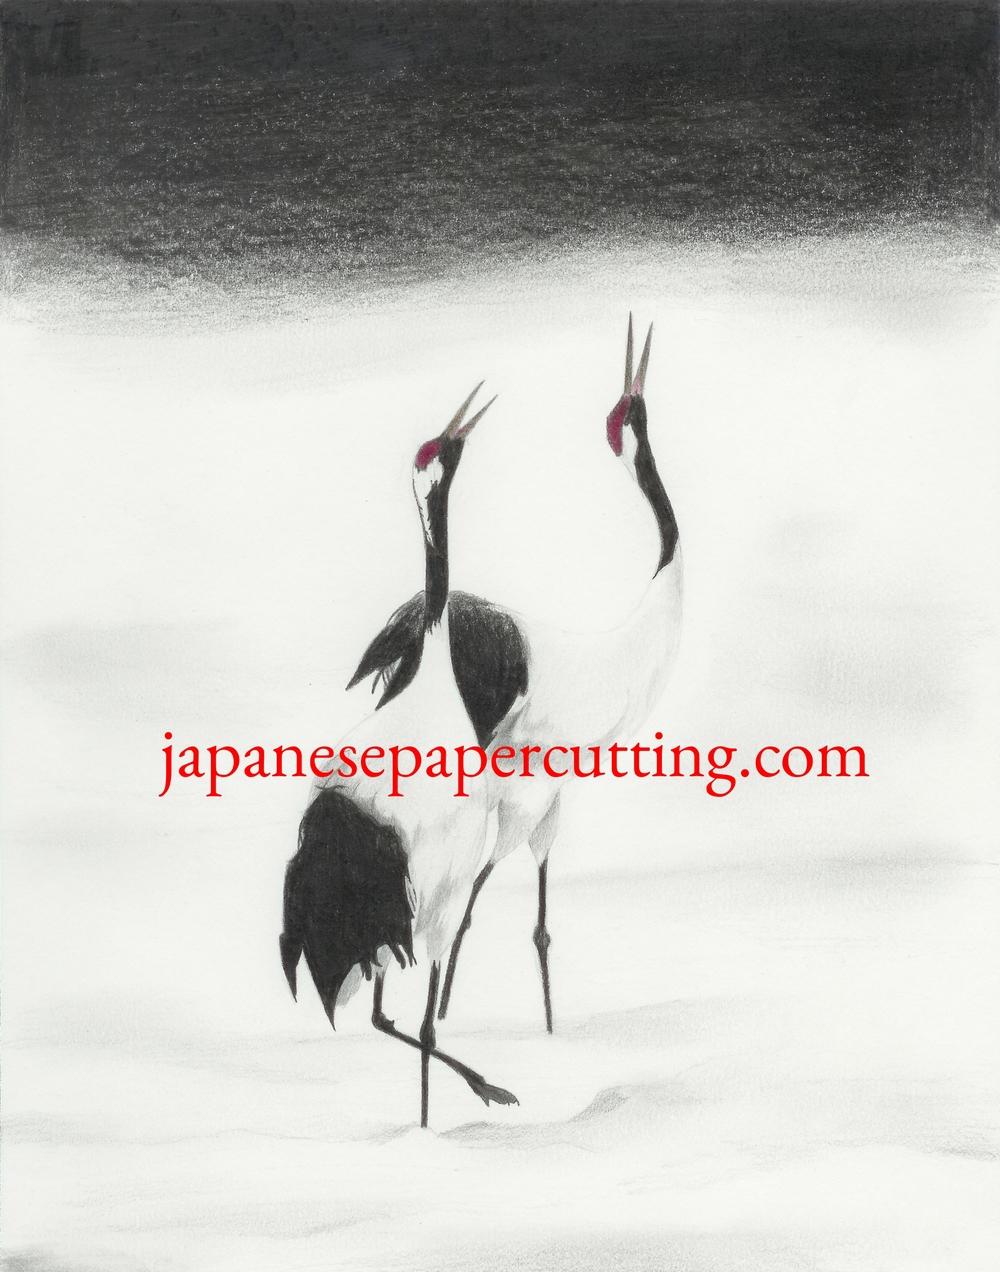 Cranes | Pencil & Pencil Crayon | 2004